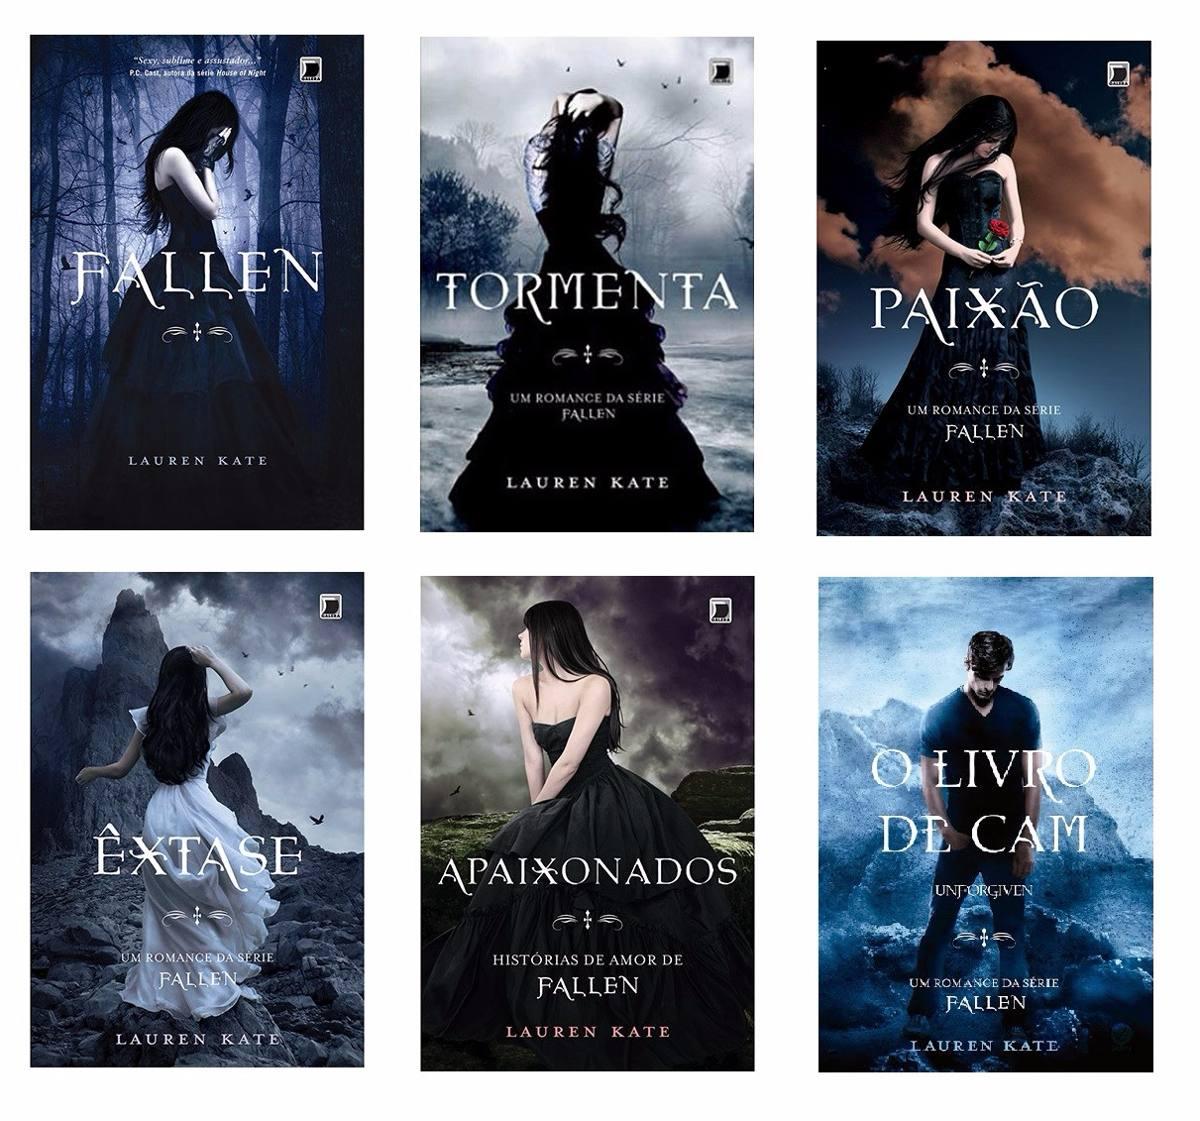 o livro tormenta da serie fallen